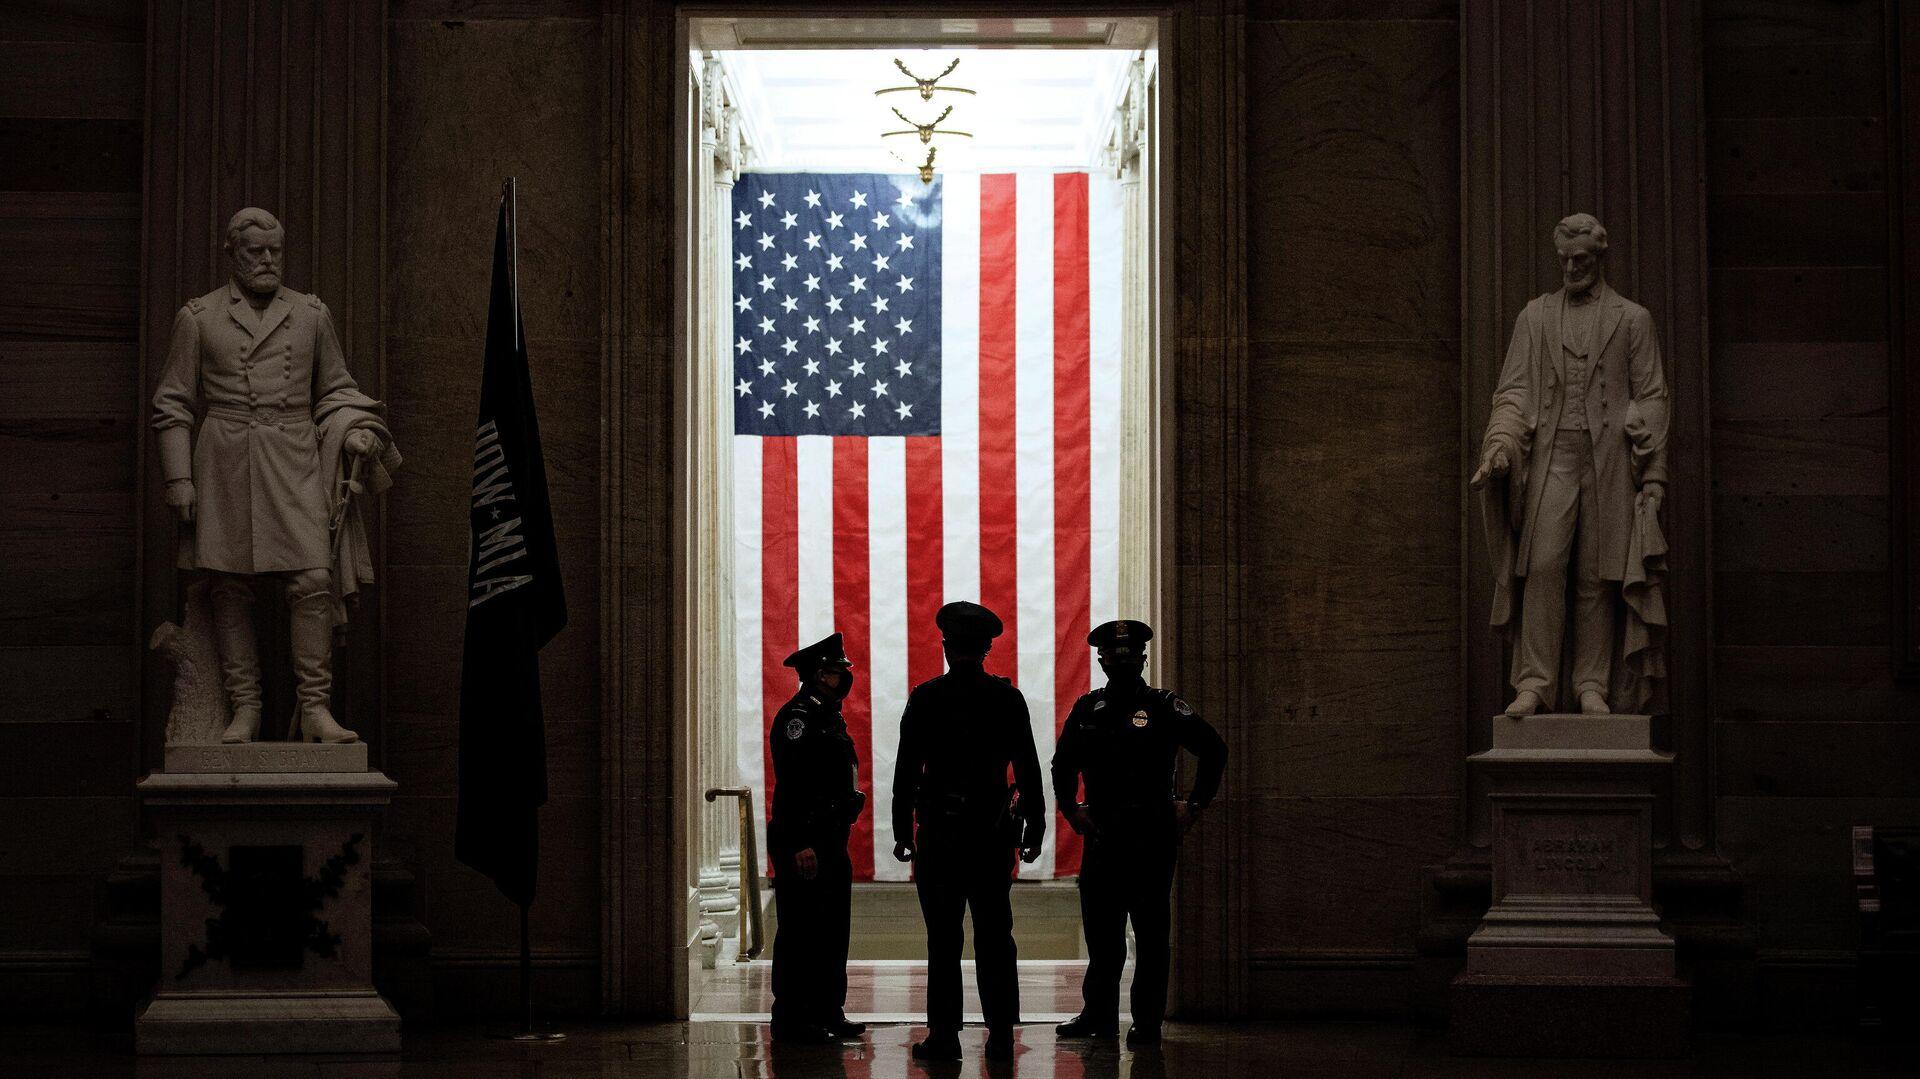 Офицеры полиции стоят перед американским флагом в ротонде Капитолия США в Вашингтоне - РИА Новости, 1920, 02.03.2021